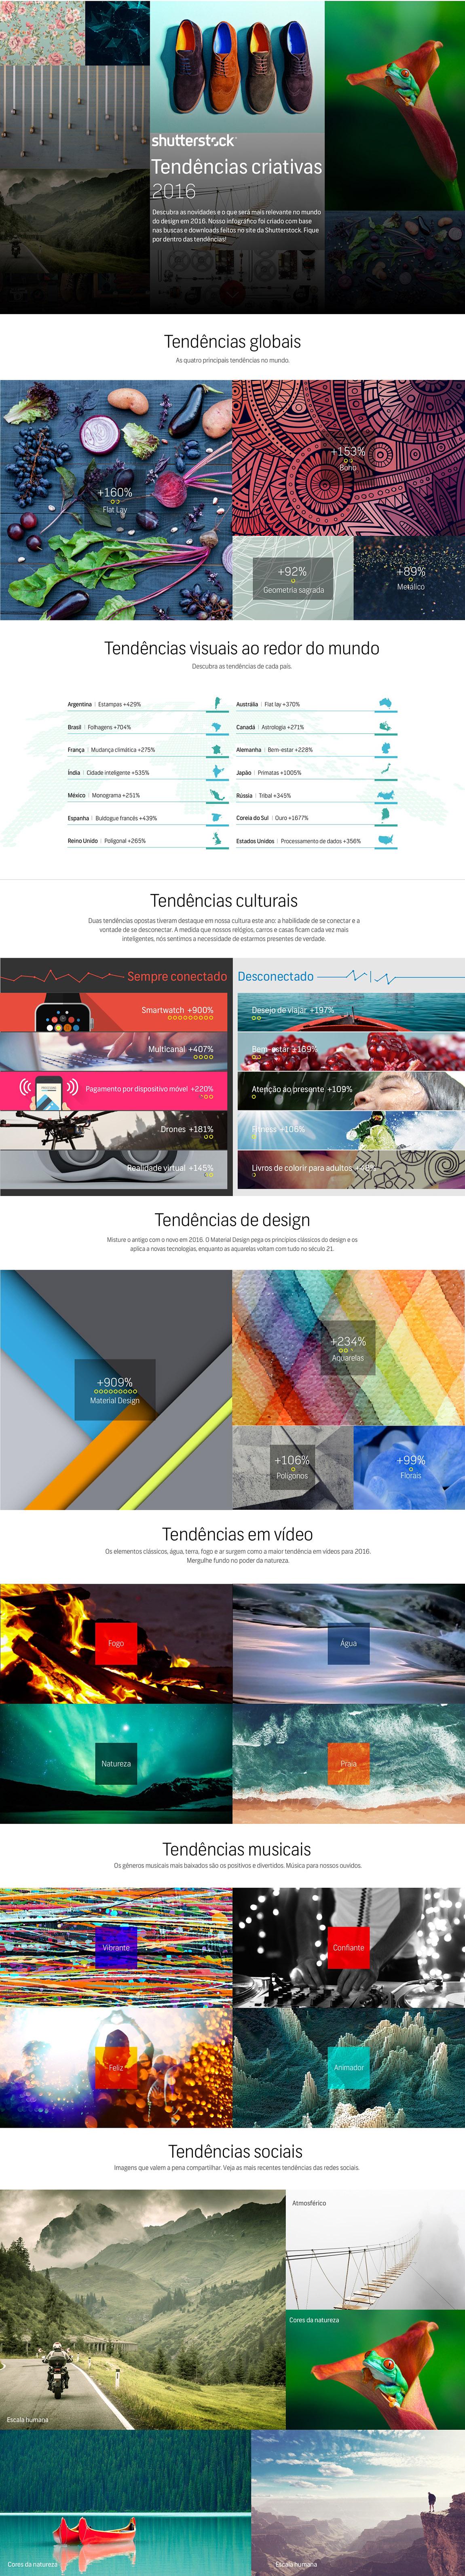 infografico-tendencias-criativas-2016